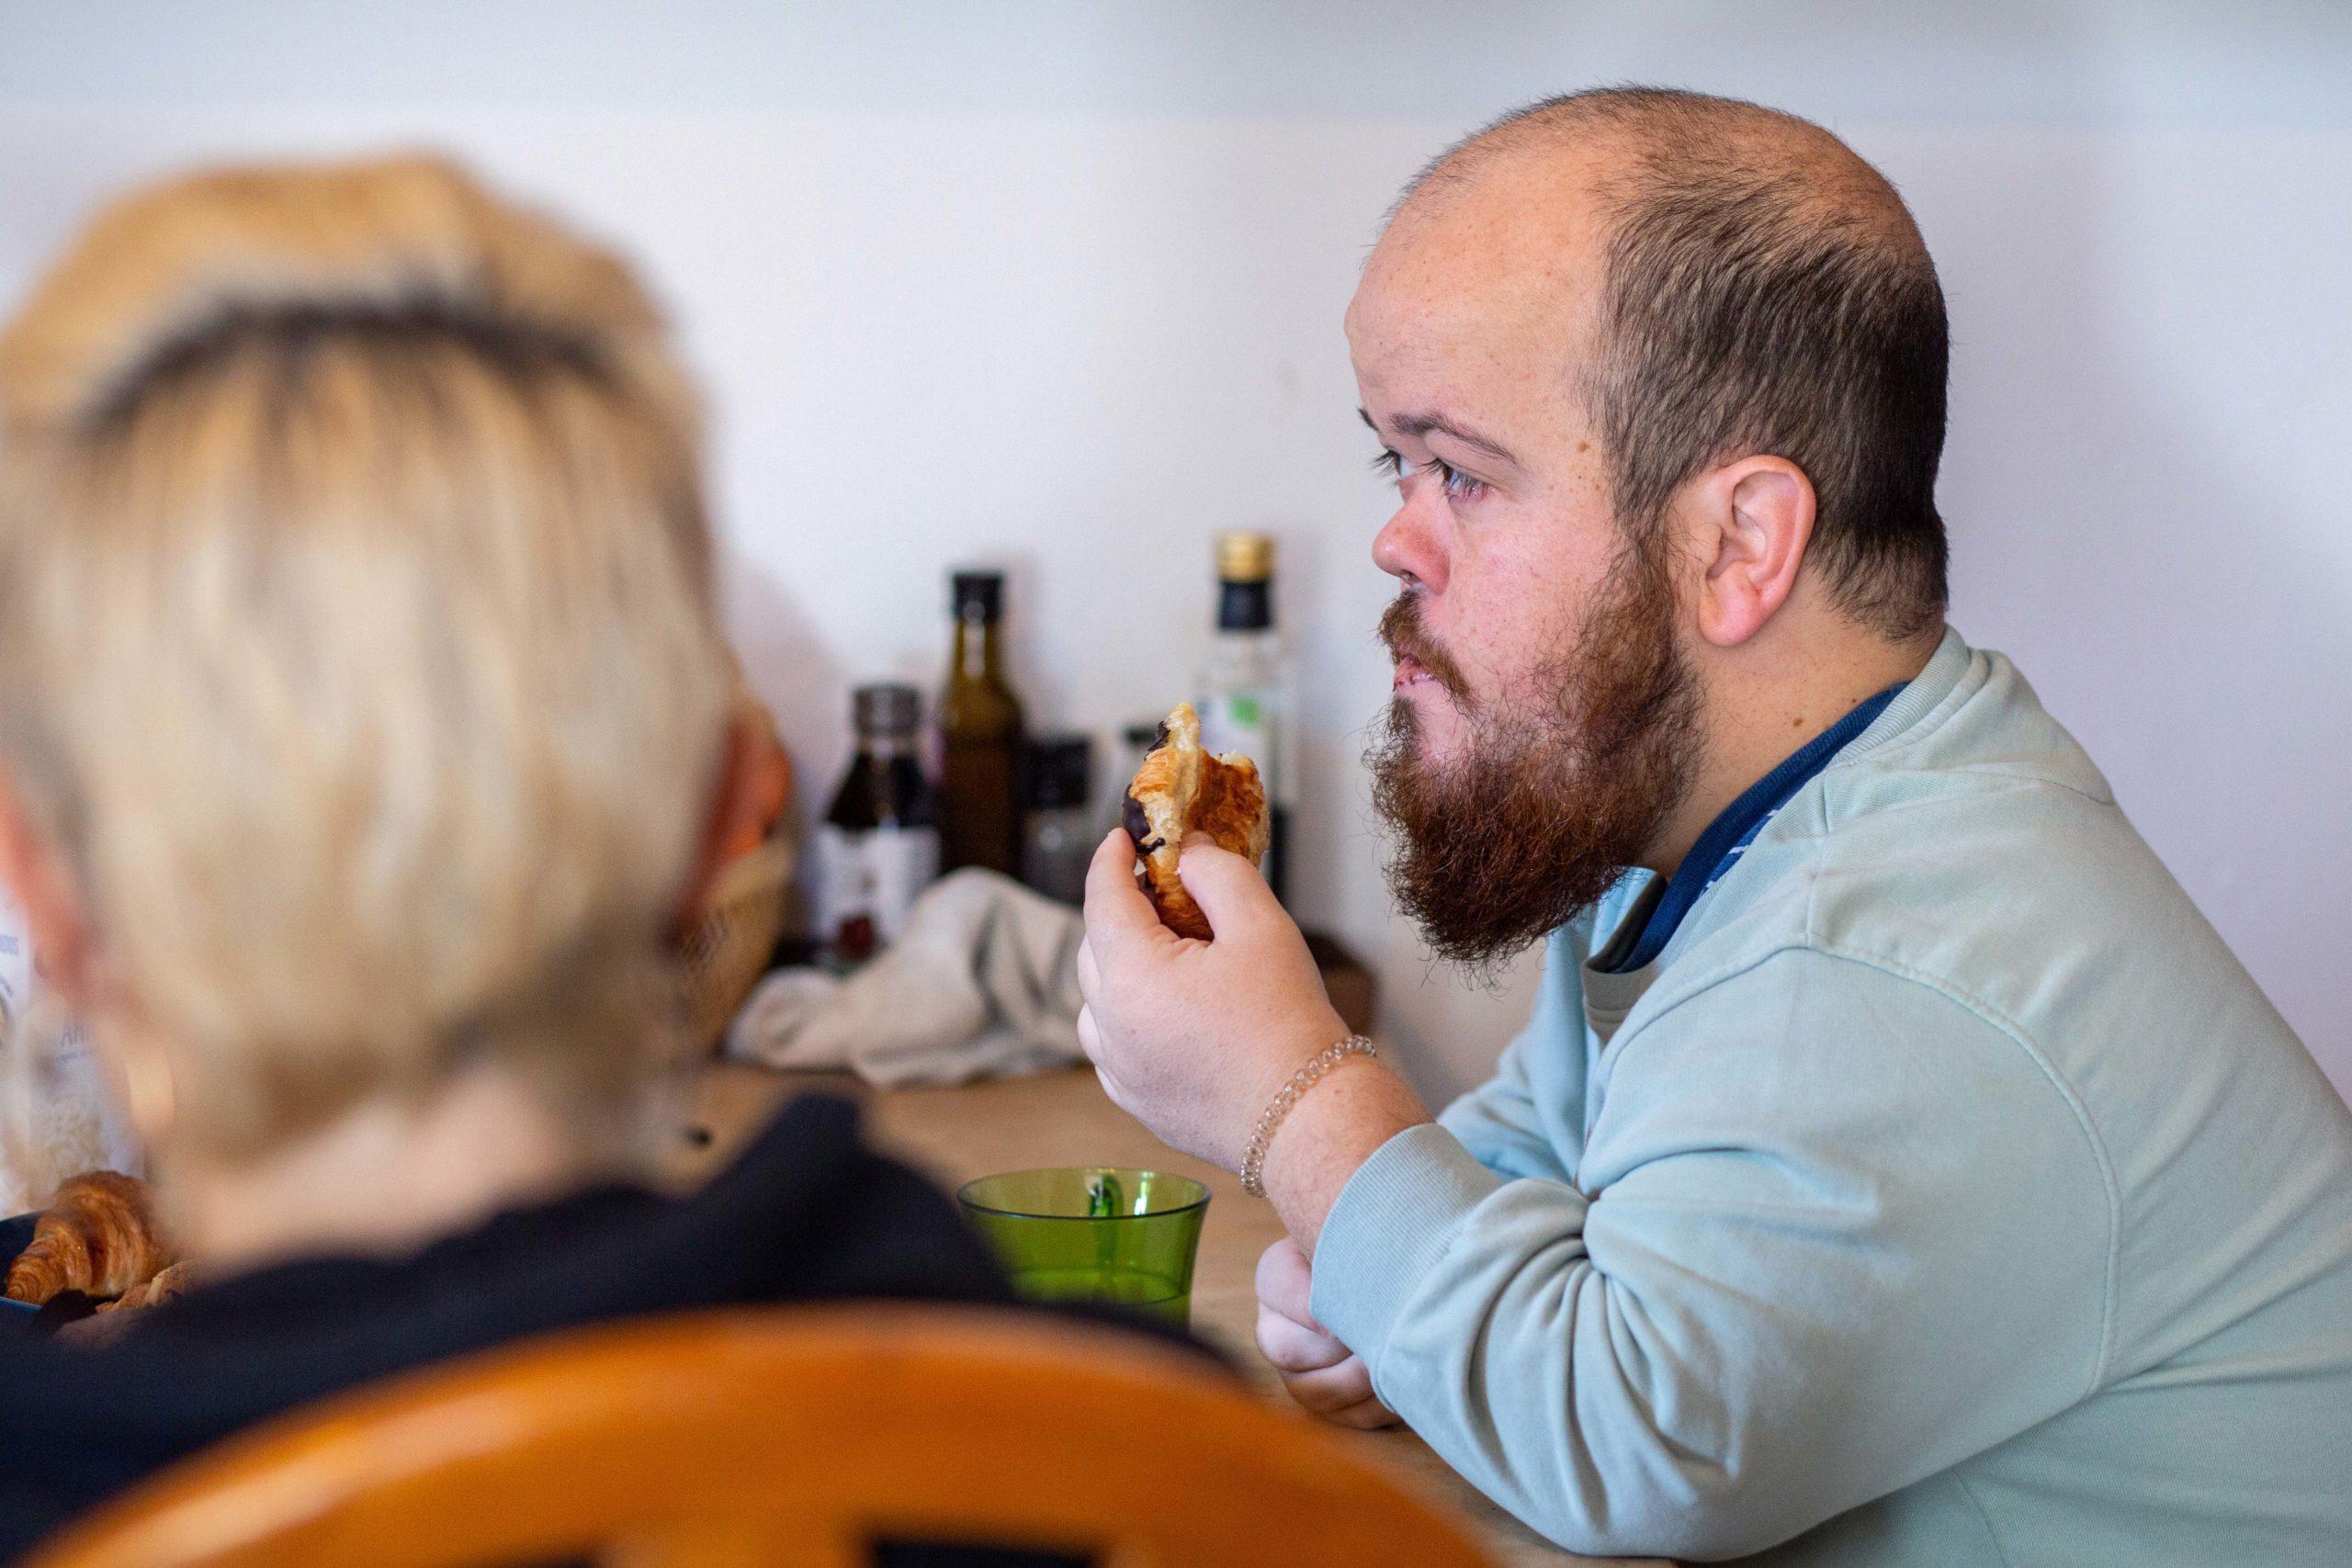 Primer pla d'un noi esmorzant amb companyes de pis